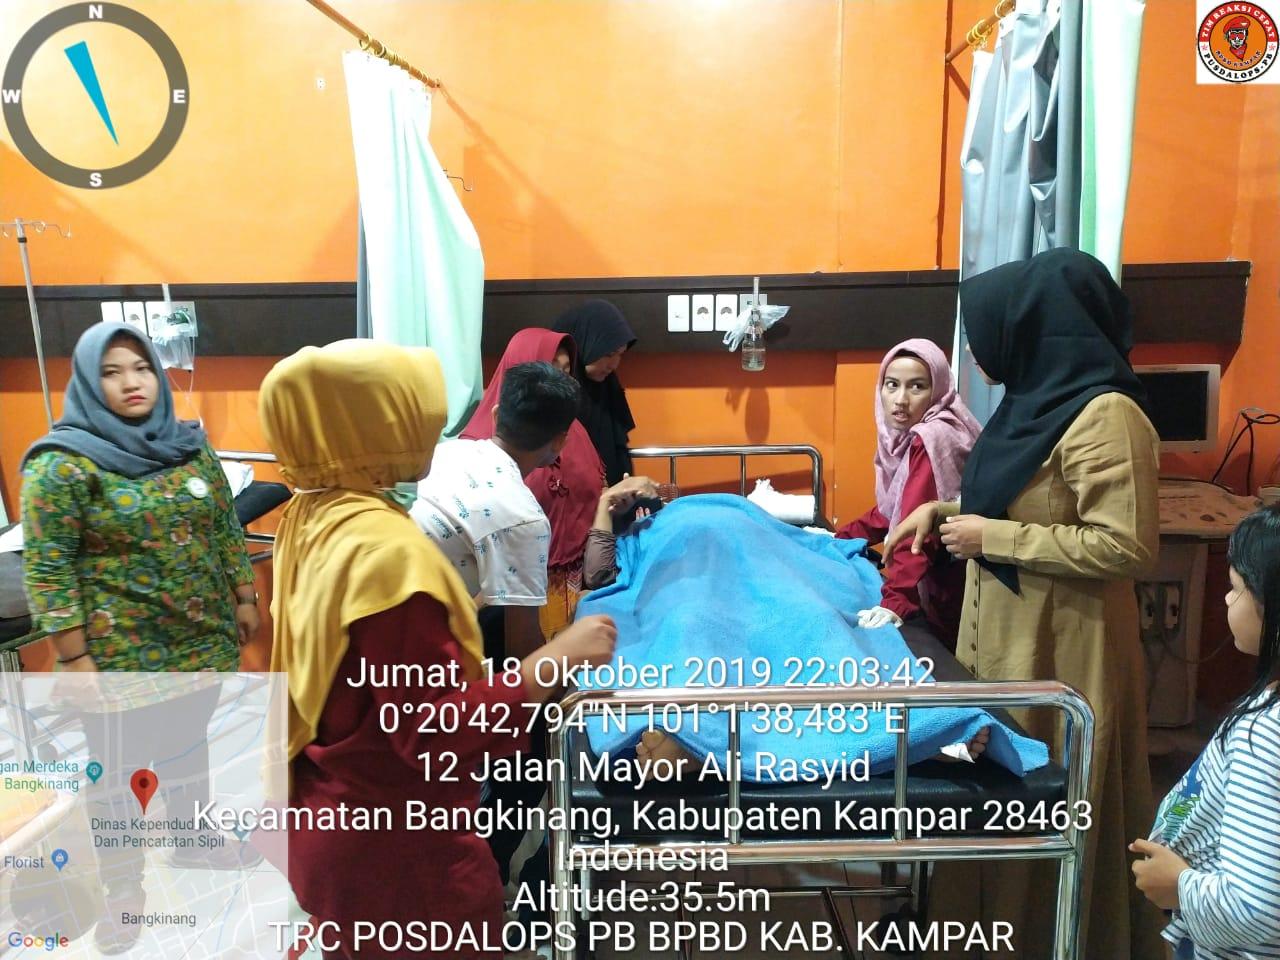 Lubang Drainase Bangkinang Kampar Riau Memakan Korban, Seorang Wanita Tewas Terperosok